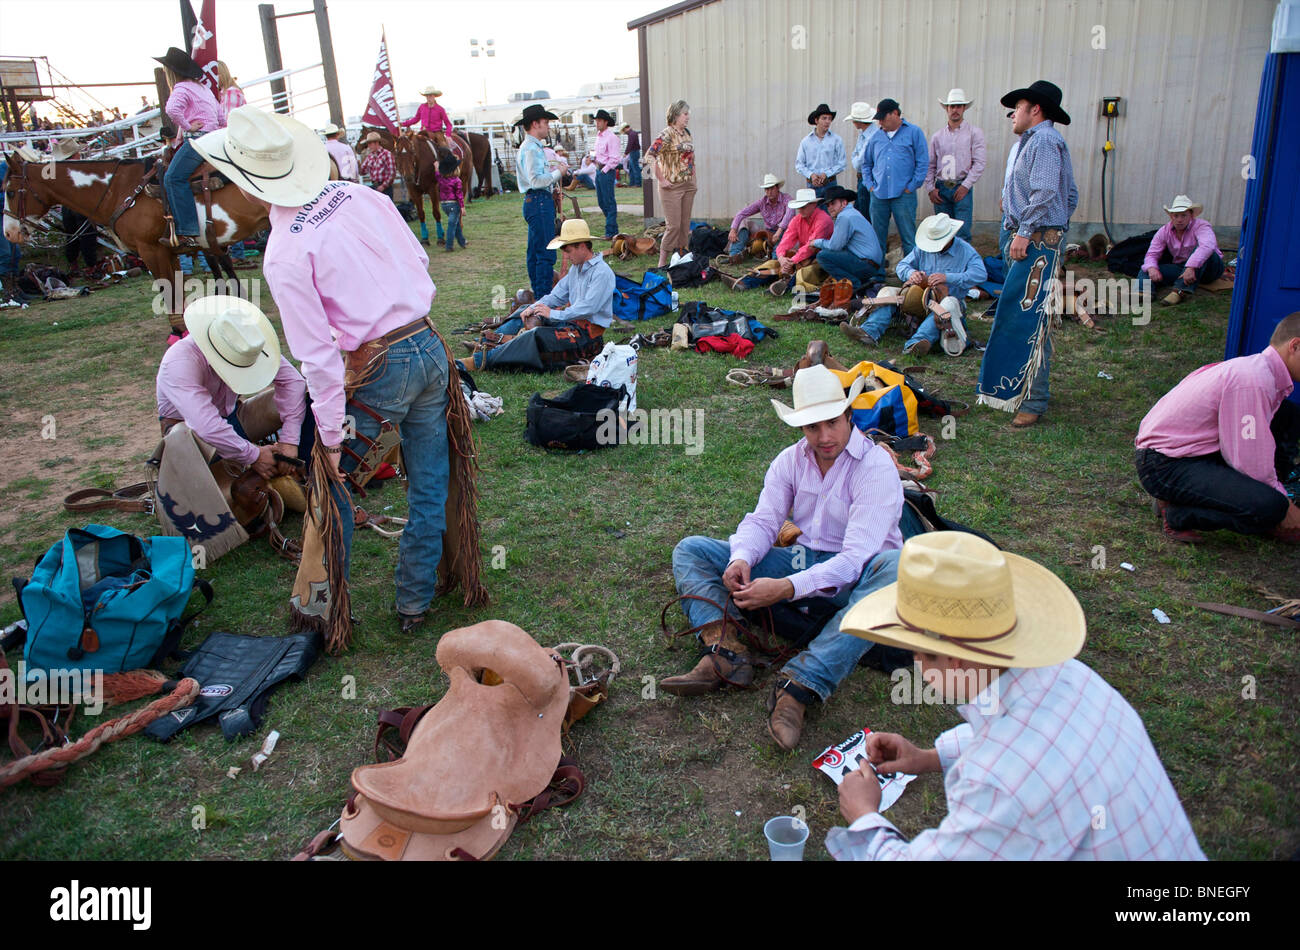 Les membres de l'érythroblastopénie Cowboy backstage rodeo en attente pour l'événement de Bridgeport, Connecticut, USA Banque D'Images